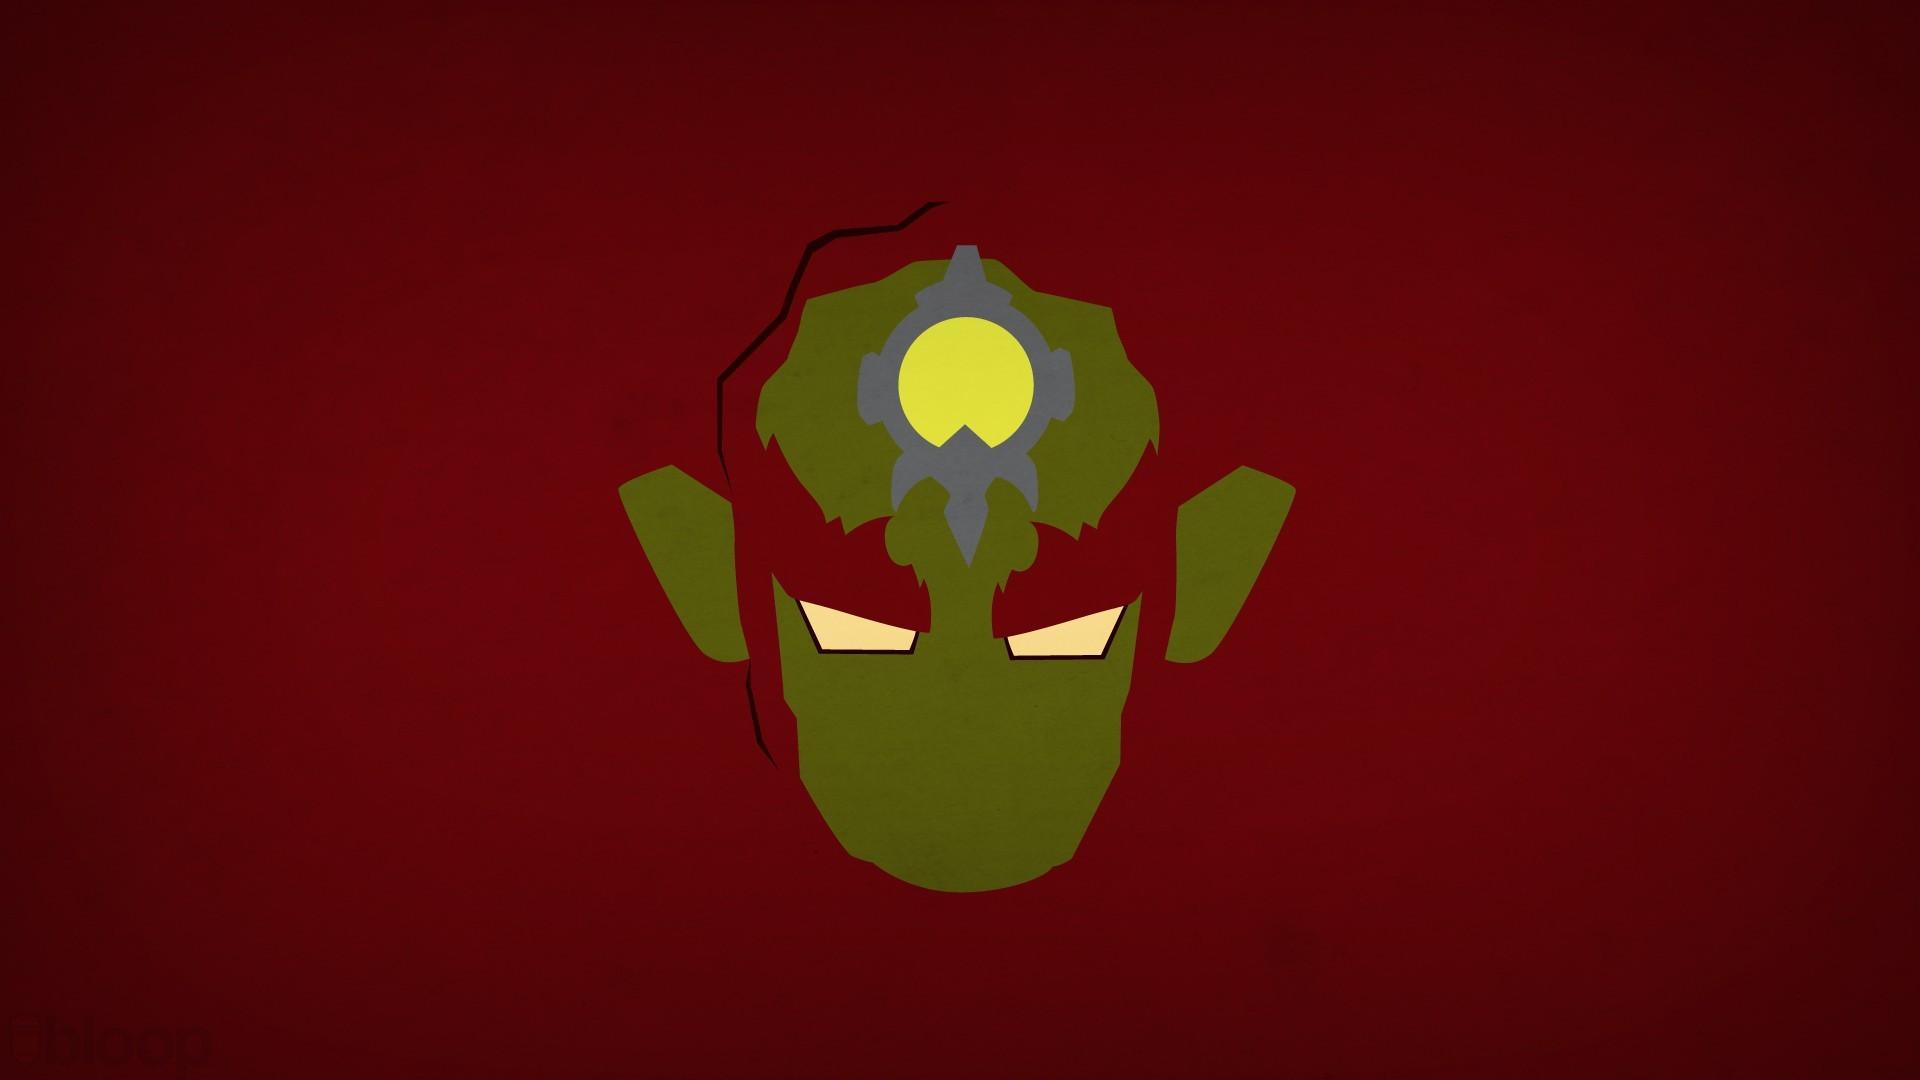 Ganondorf The Legend Of Zelda Minimalism Blo0p